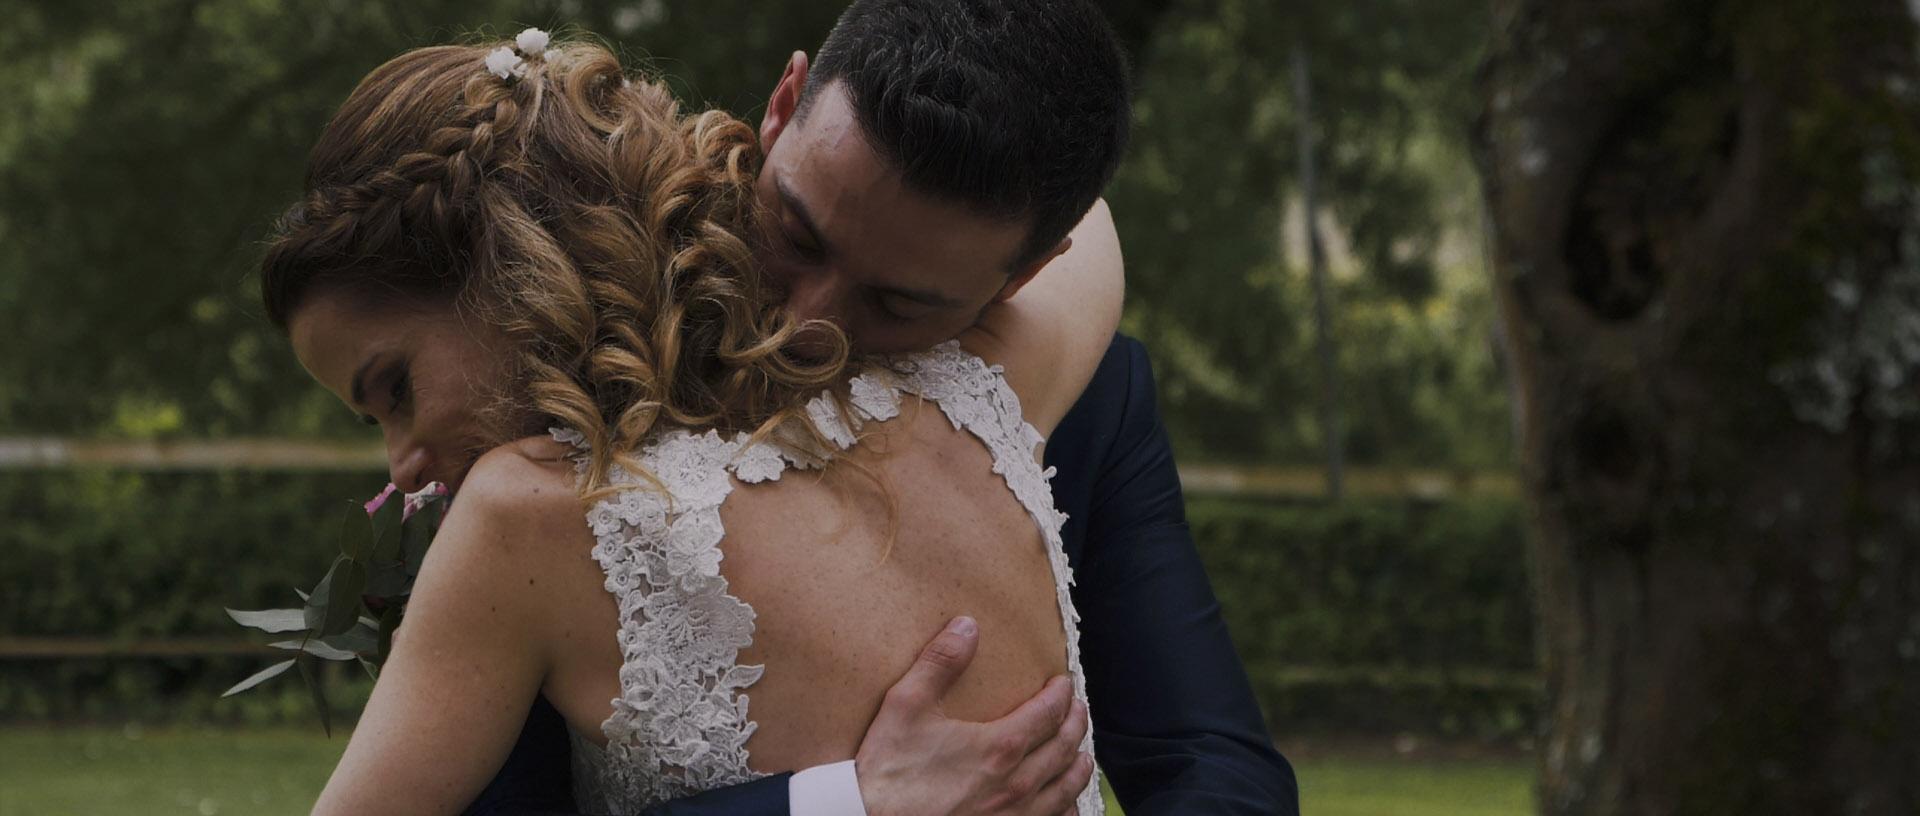 Cláudia & Pedro - Wedding